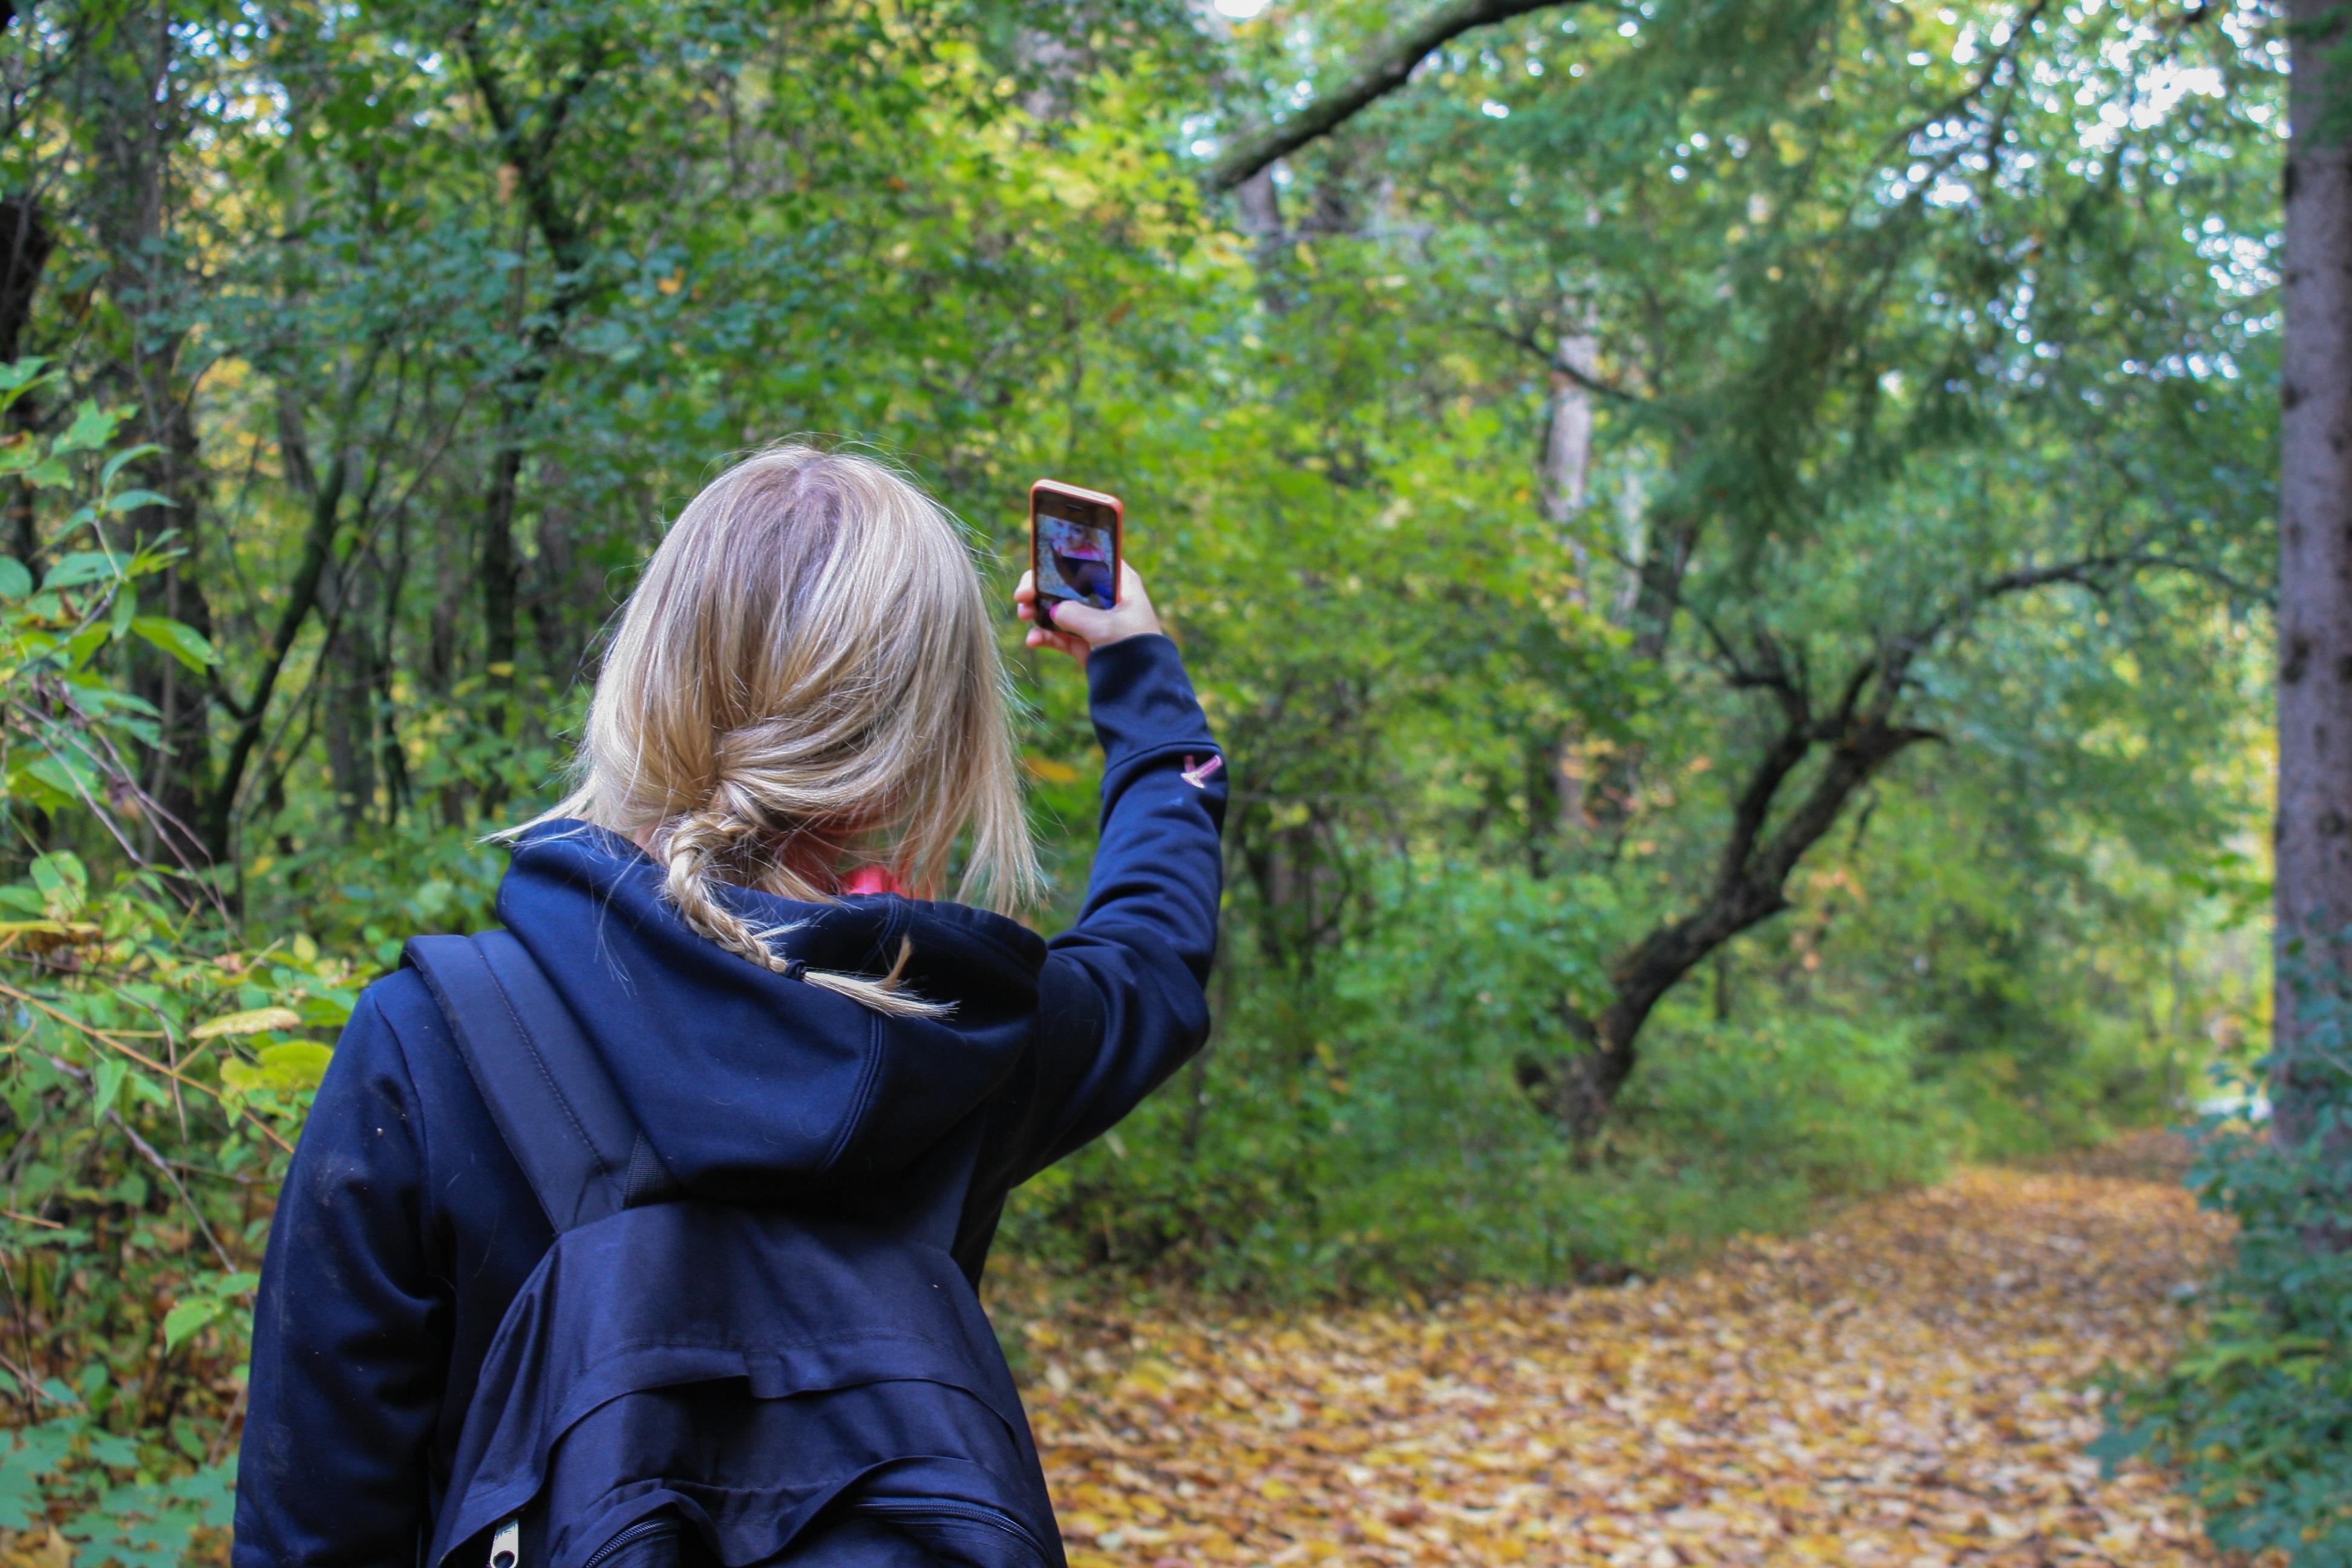 Macchine fotografiche canon digital 18